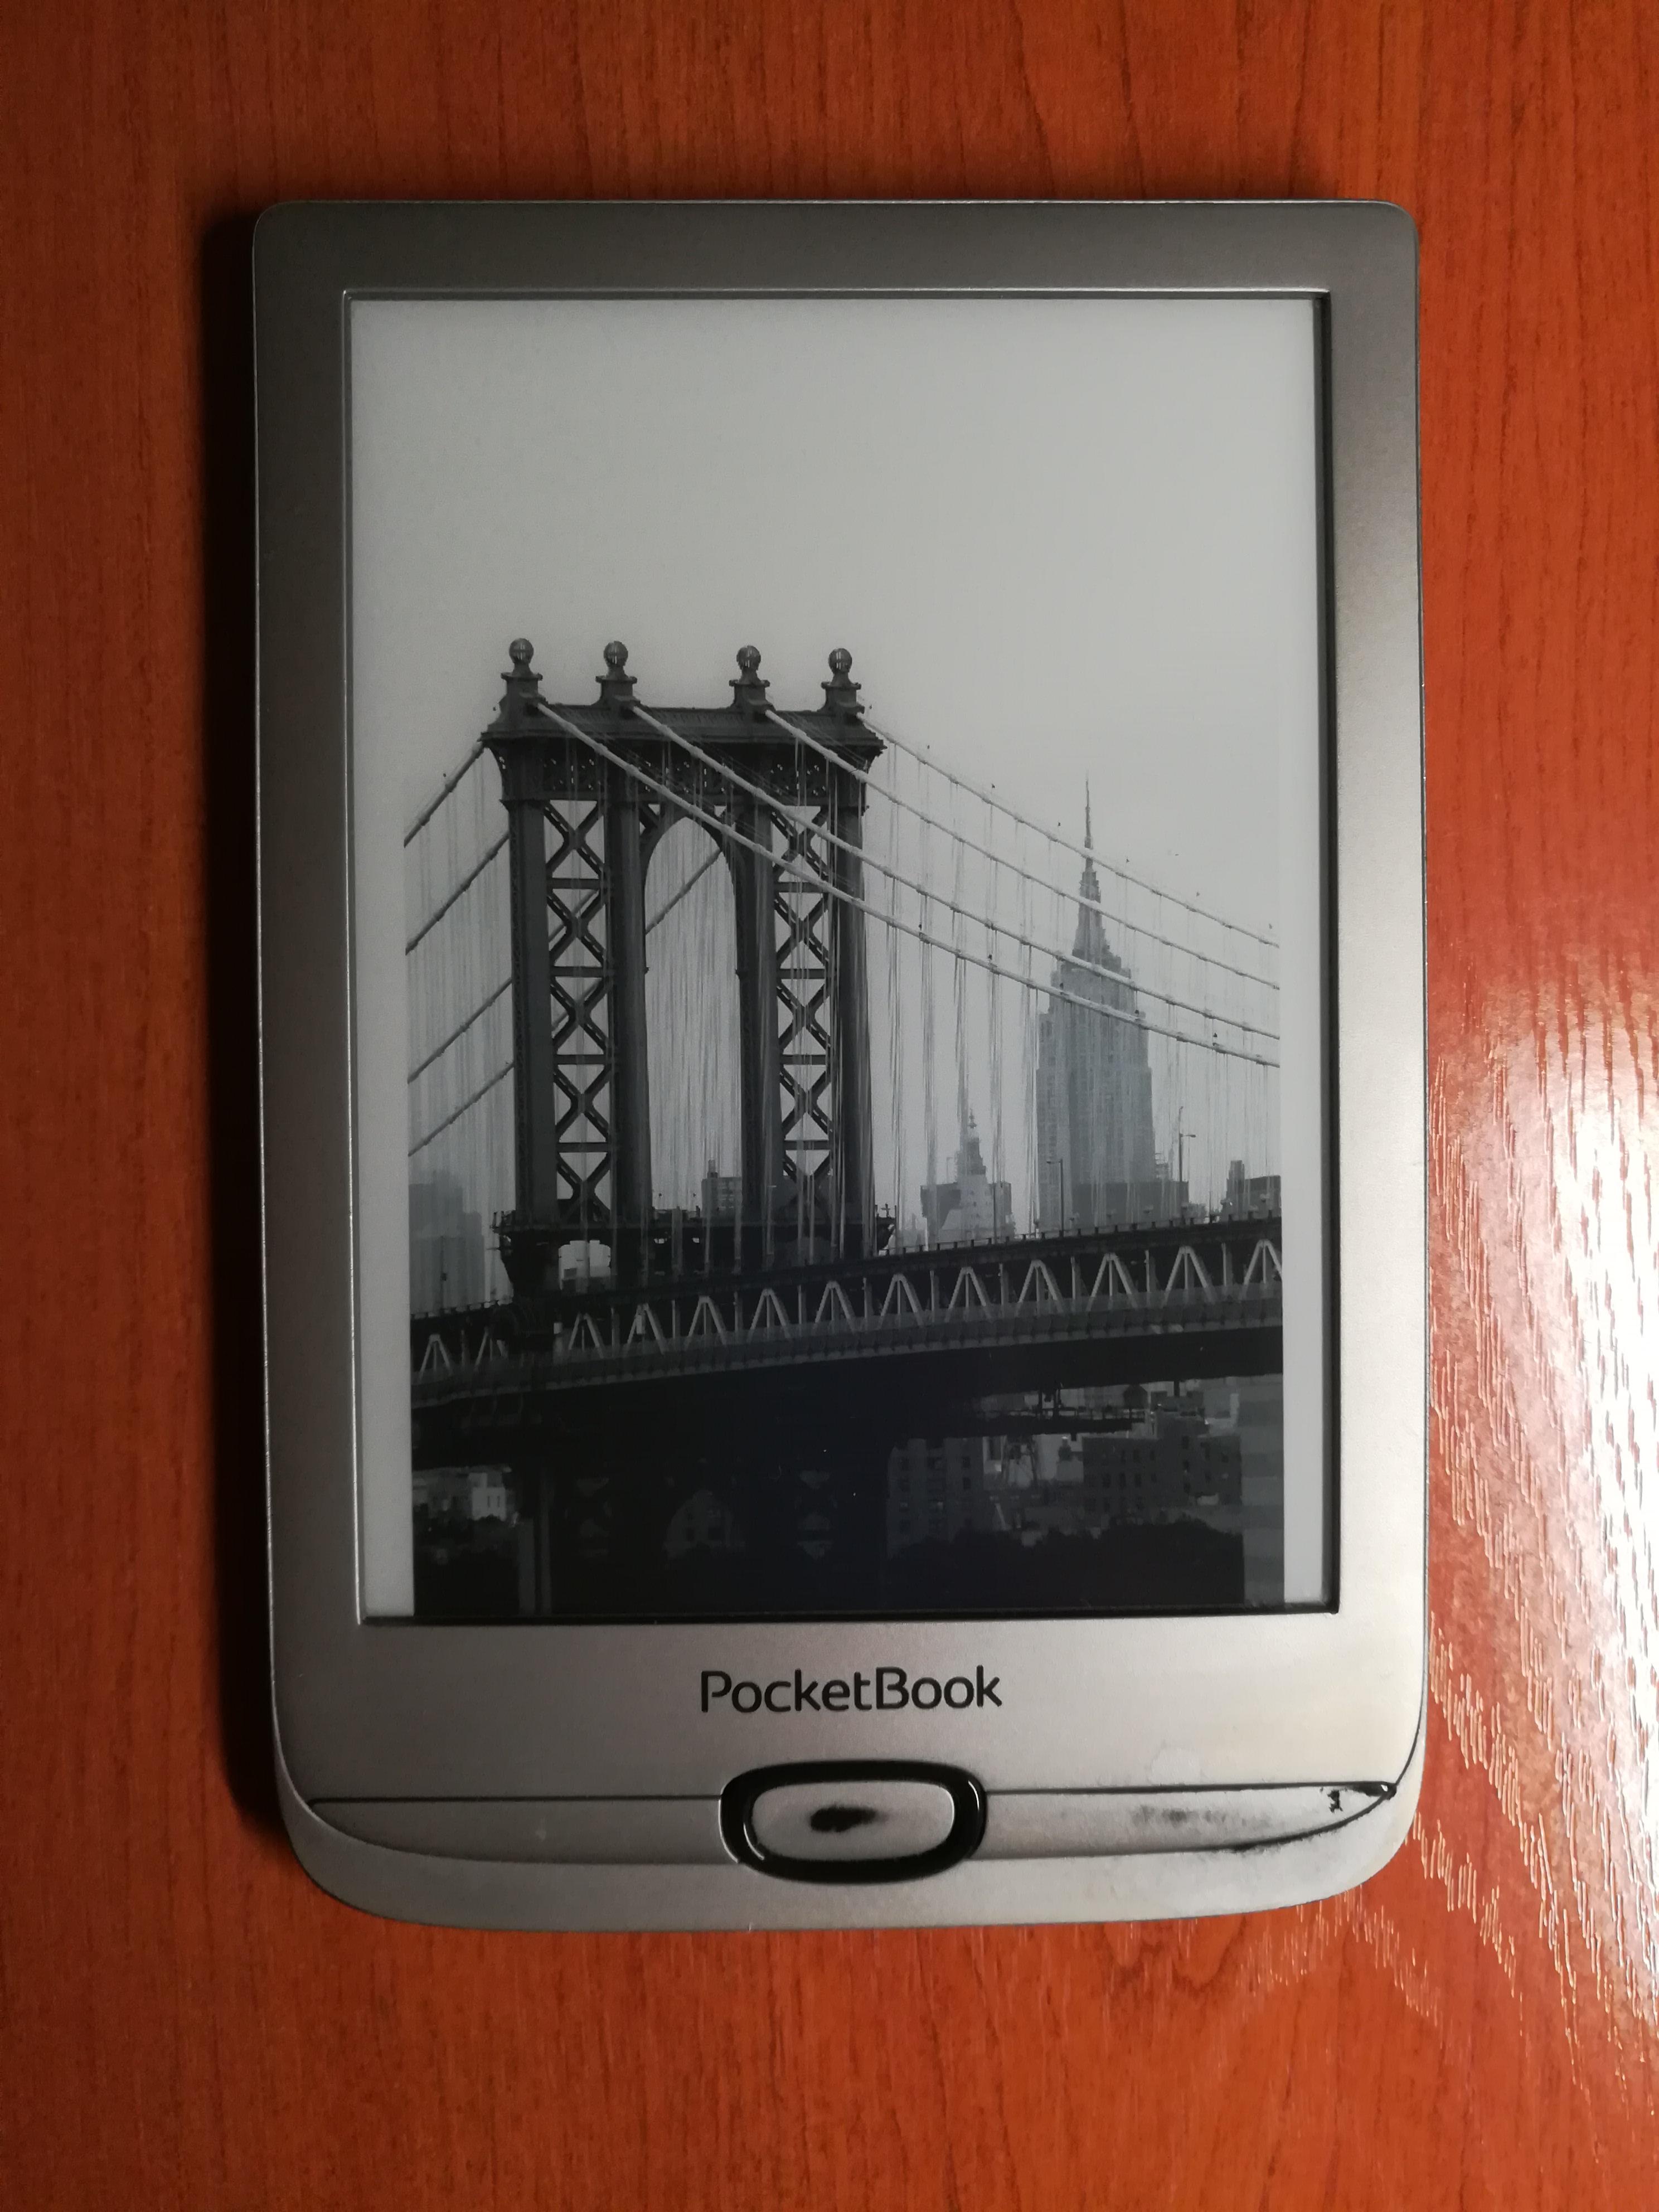 Обзор на электронную книгу Pocketbook 616 Silver Matte. Альтернатива частной библиотеке.